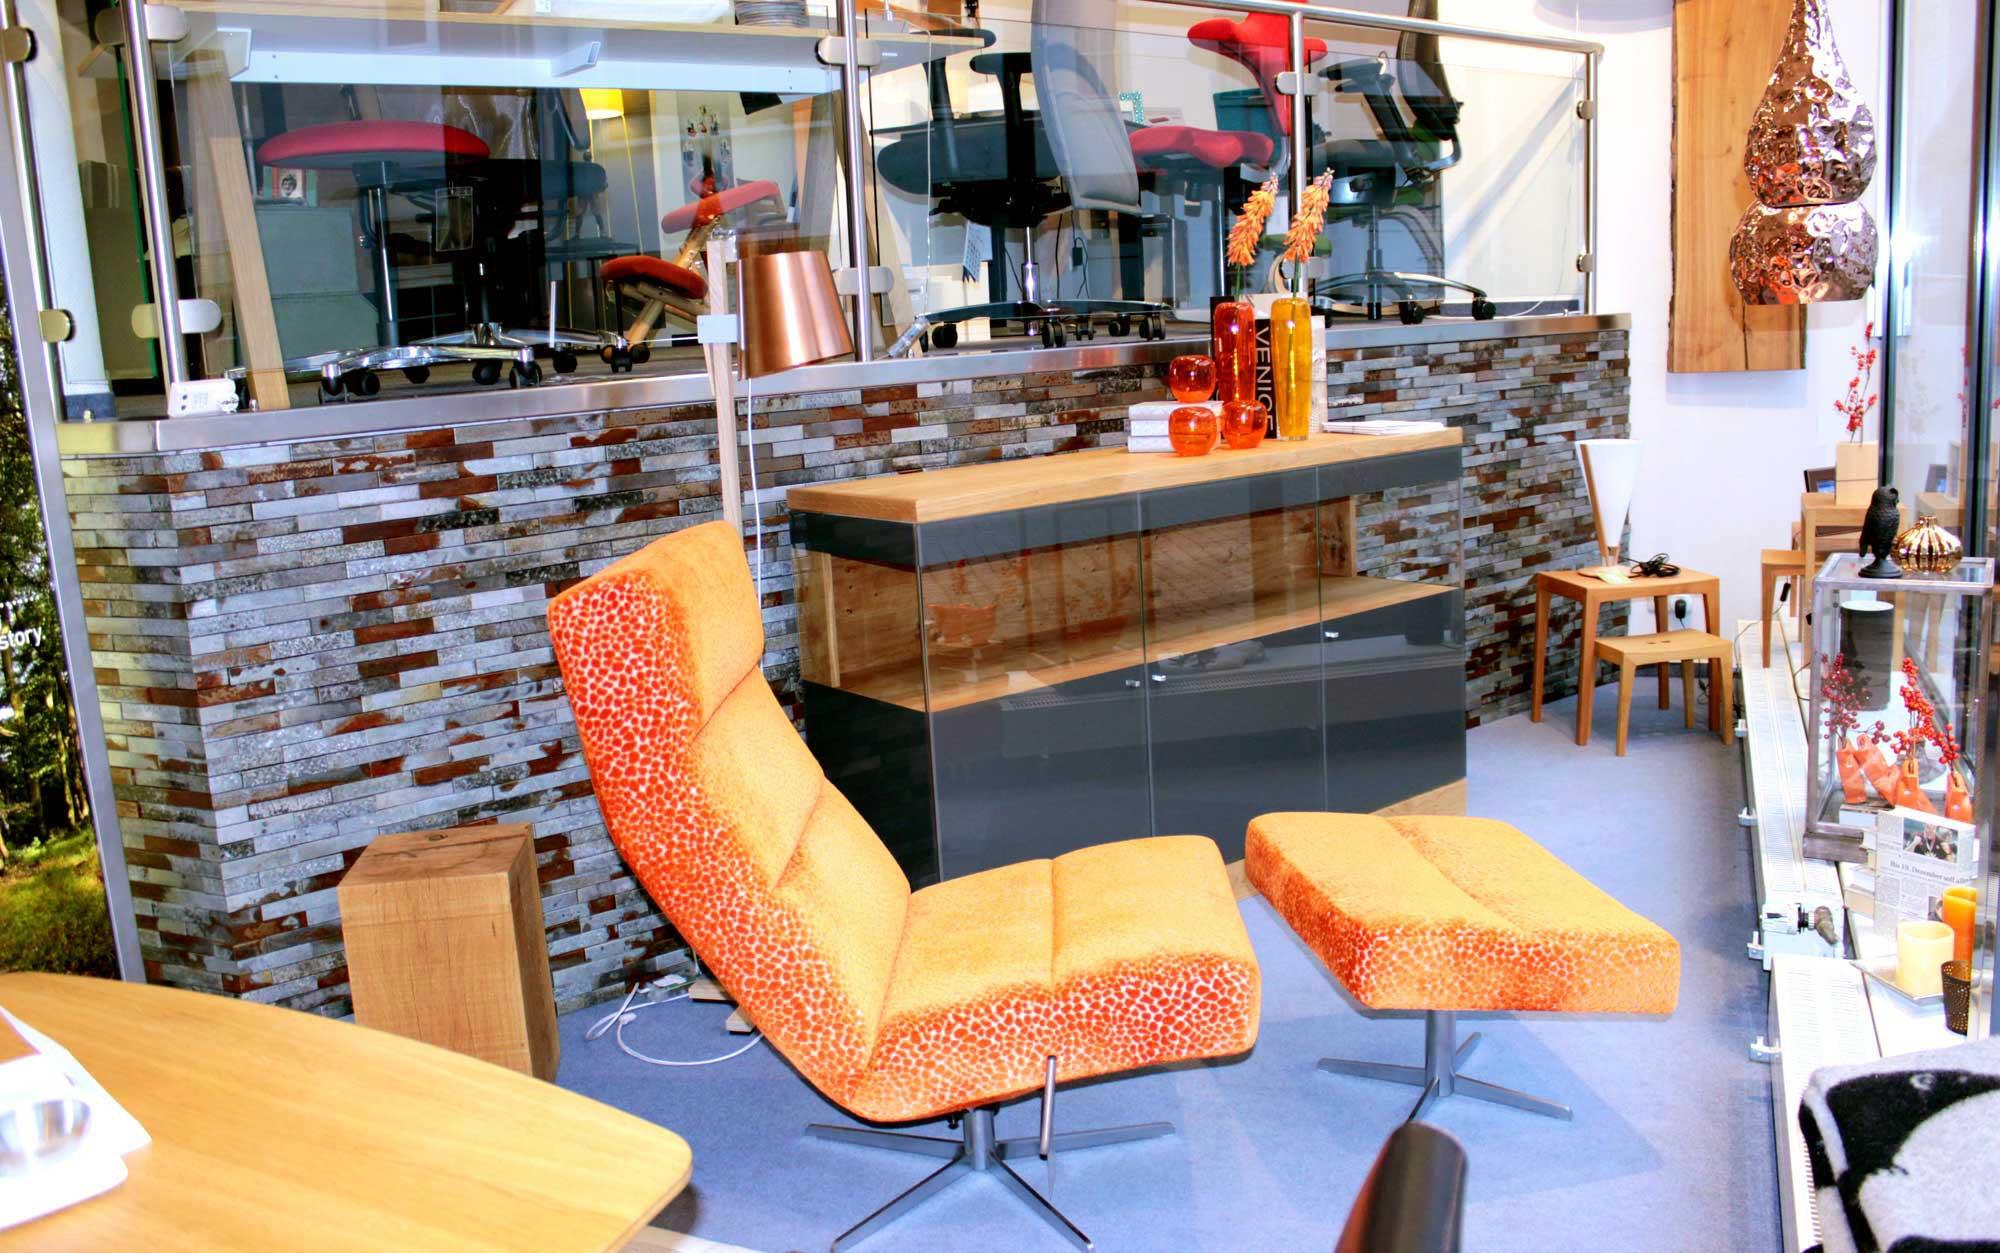 wandgestalltung m bel schmidt ausstellungsraum material id. Black Bedroom Furniture Sets. Home Design Ideas